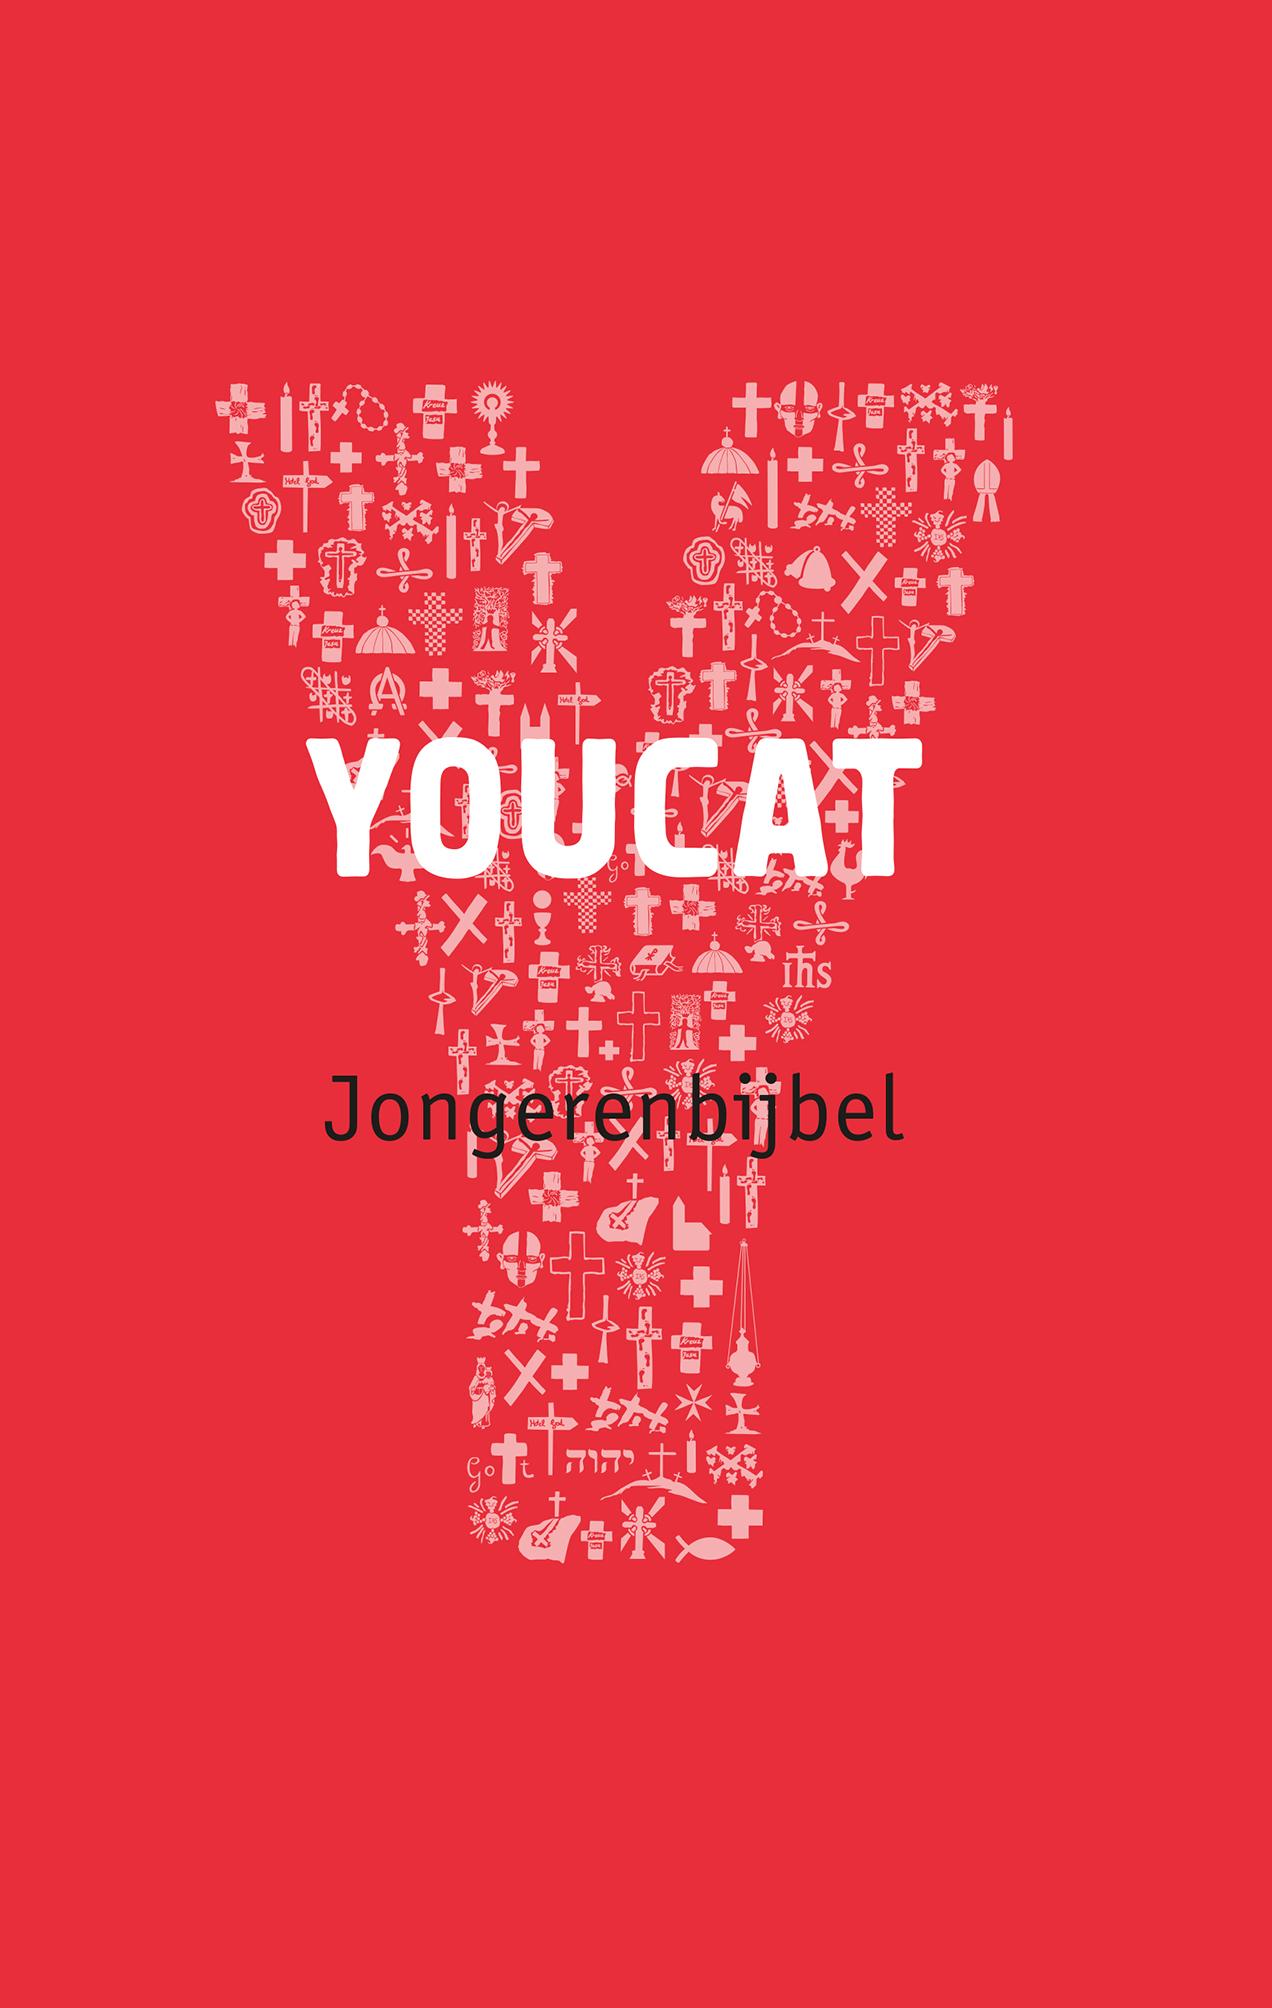 Citaten Van Bekende Personen : Youcat jongerenbijbel uitgeverij lannoo